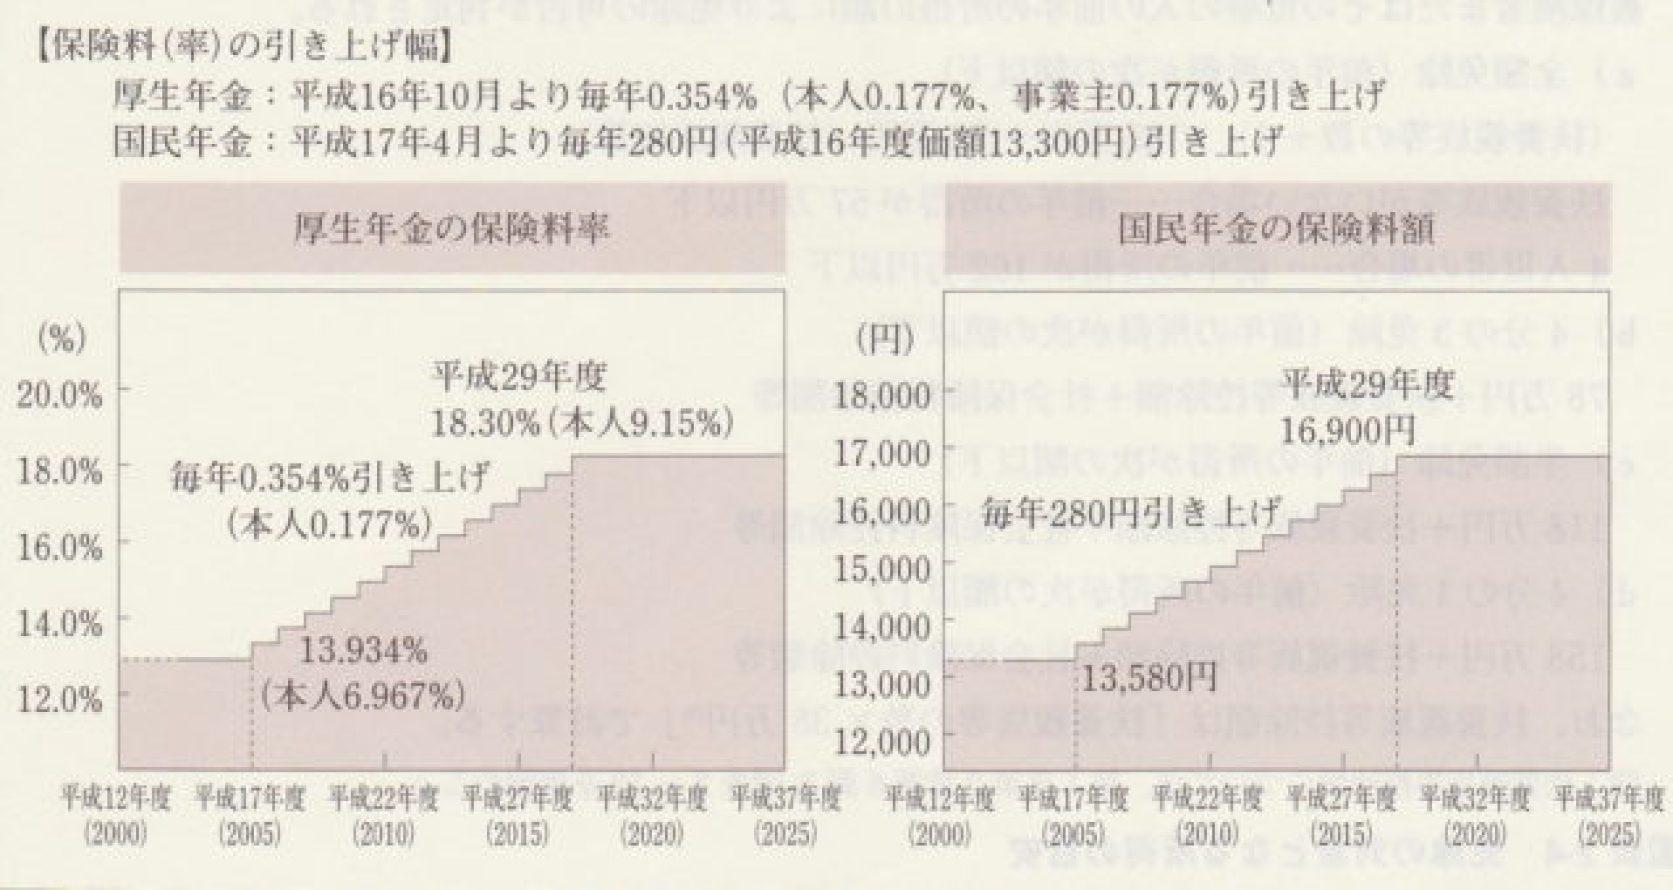 厚生年金、国民年金 保険料